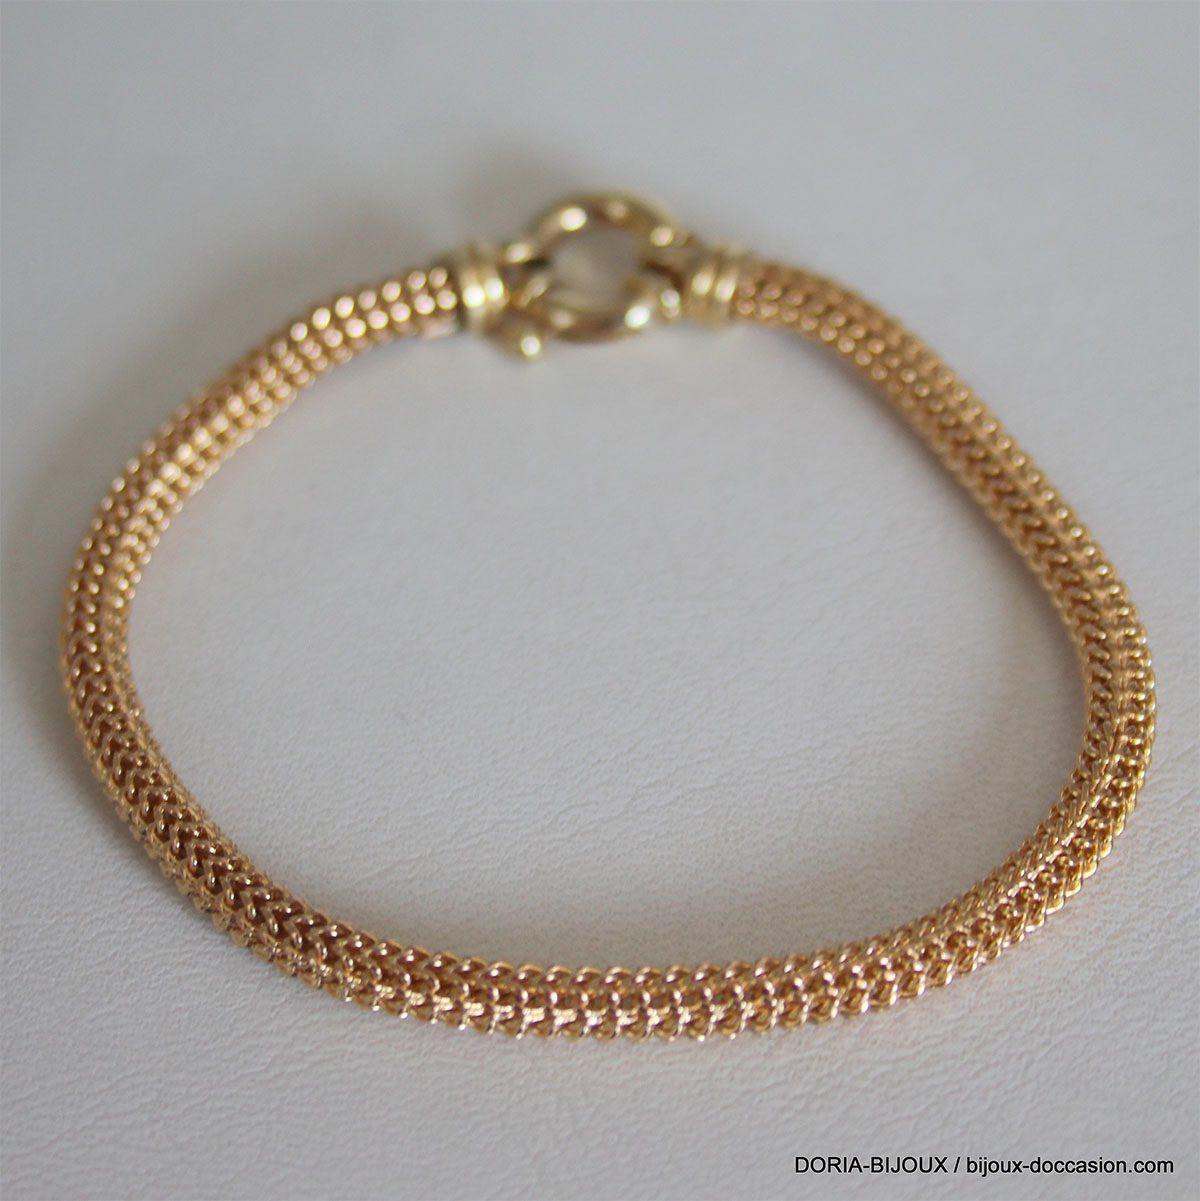 Bracelet Or 750 18k Vintage  - 6grs